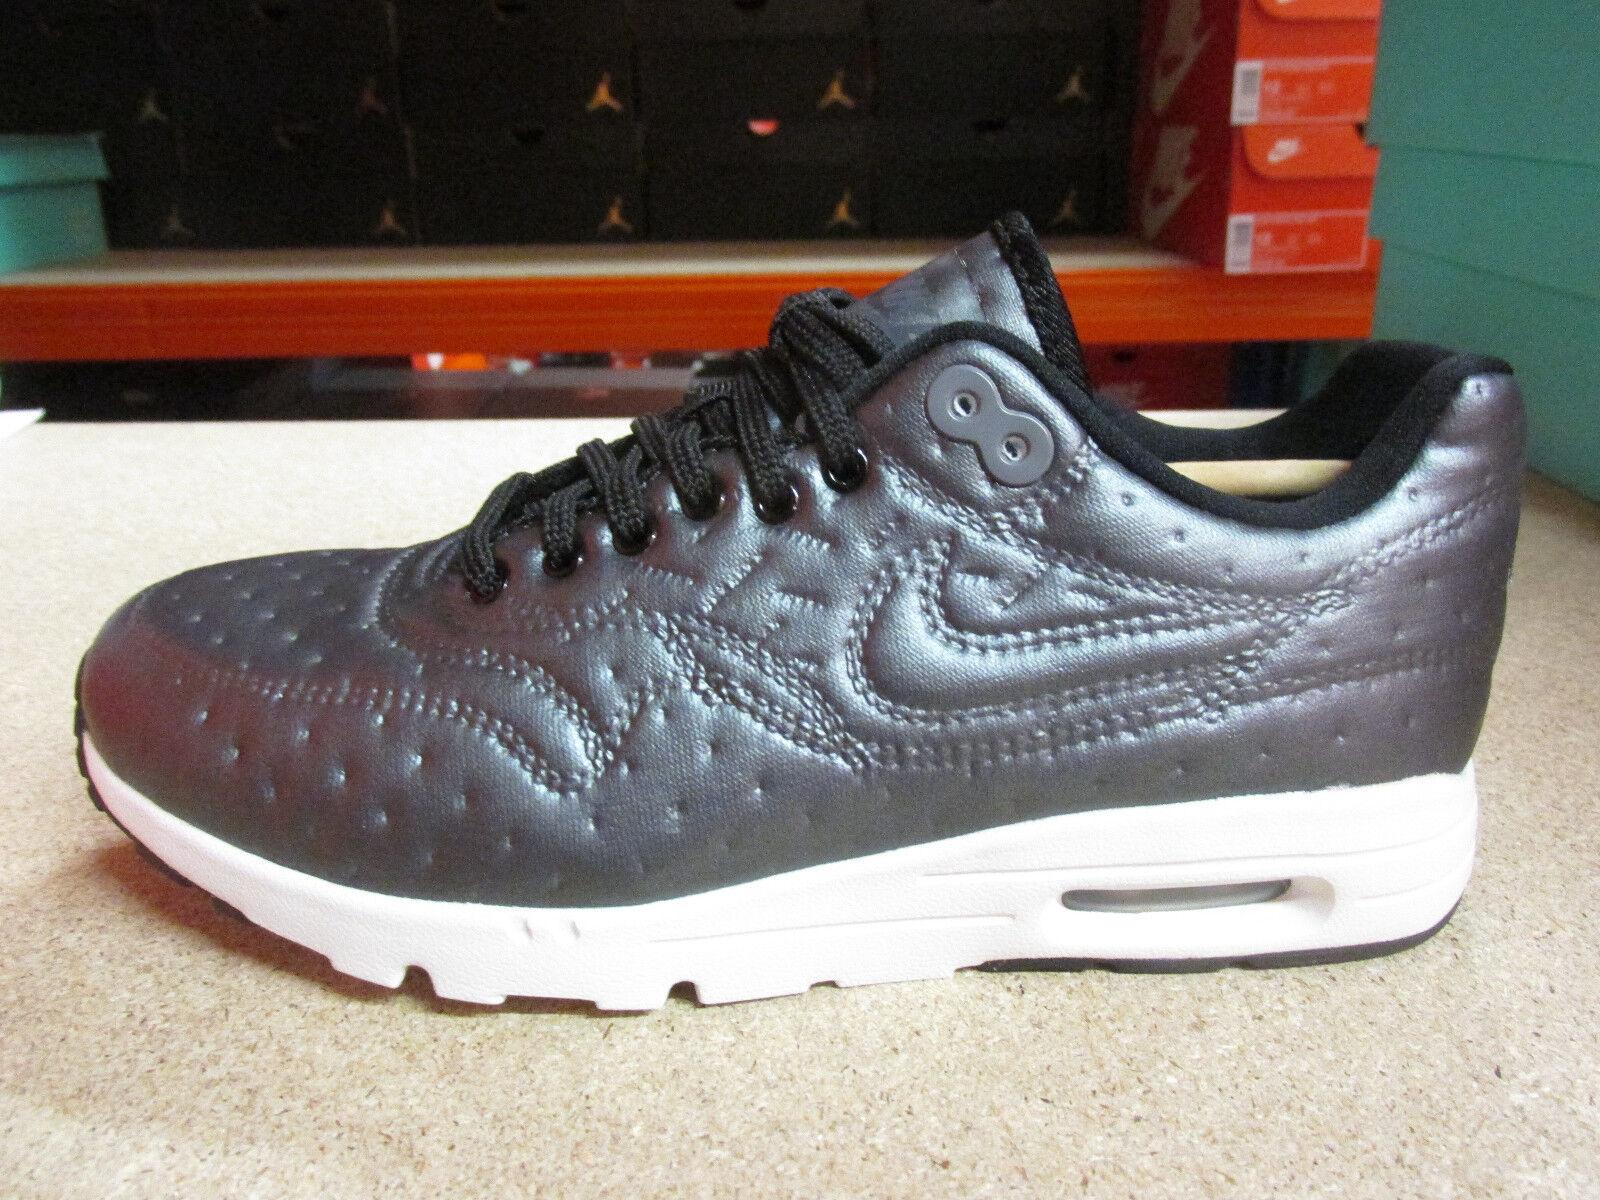 ... jcrd nike air max 1 ultra pmr 861656 001 chaussures femmes chaussures  courir formateurs femmes chaussures ... e28a5e7add59